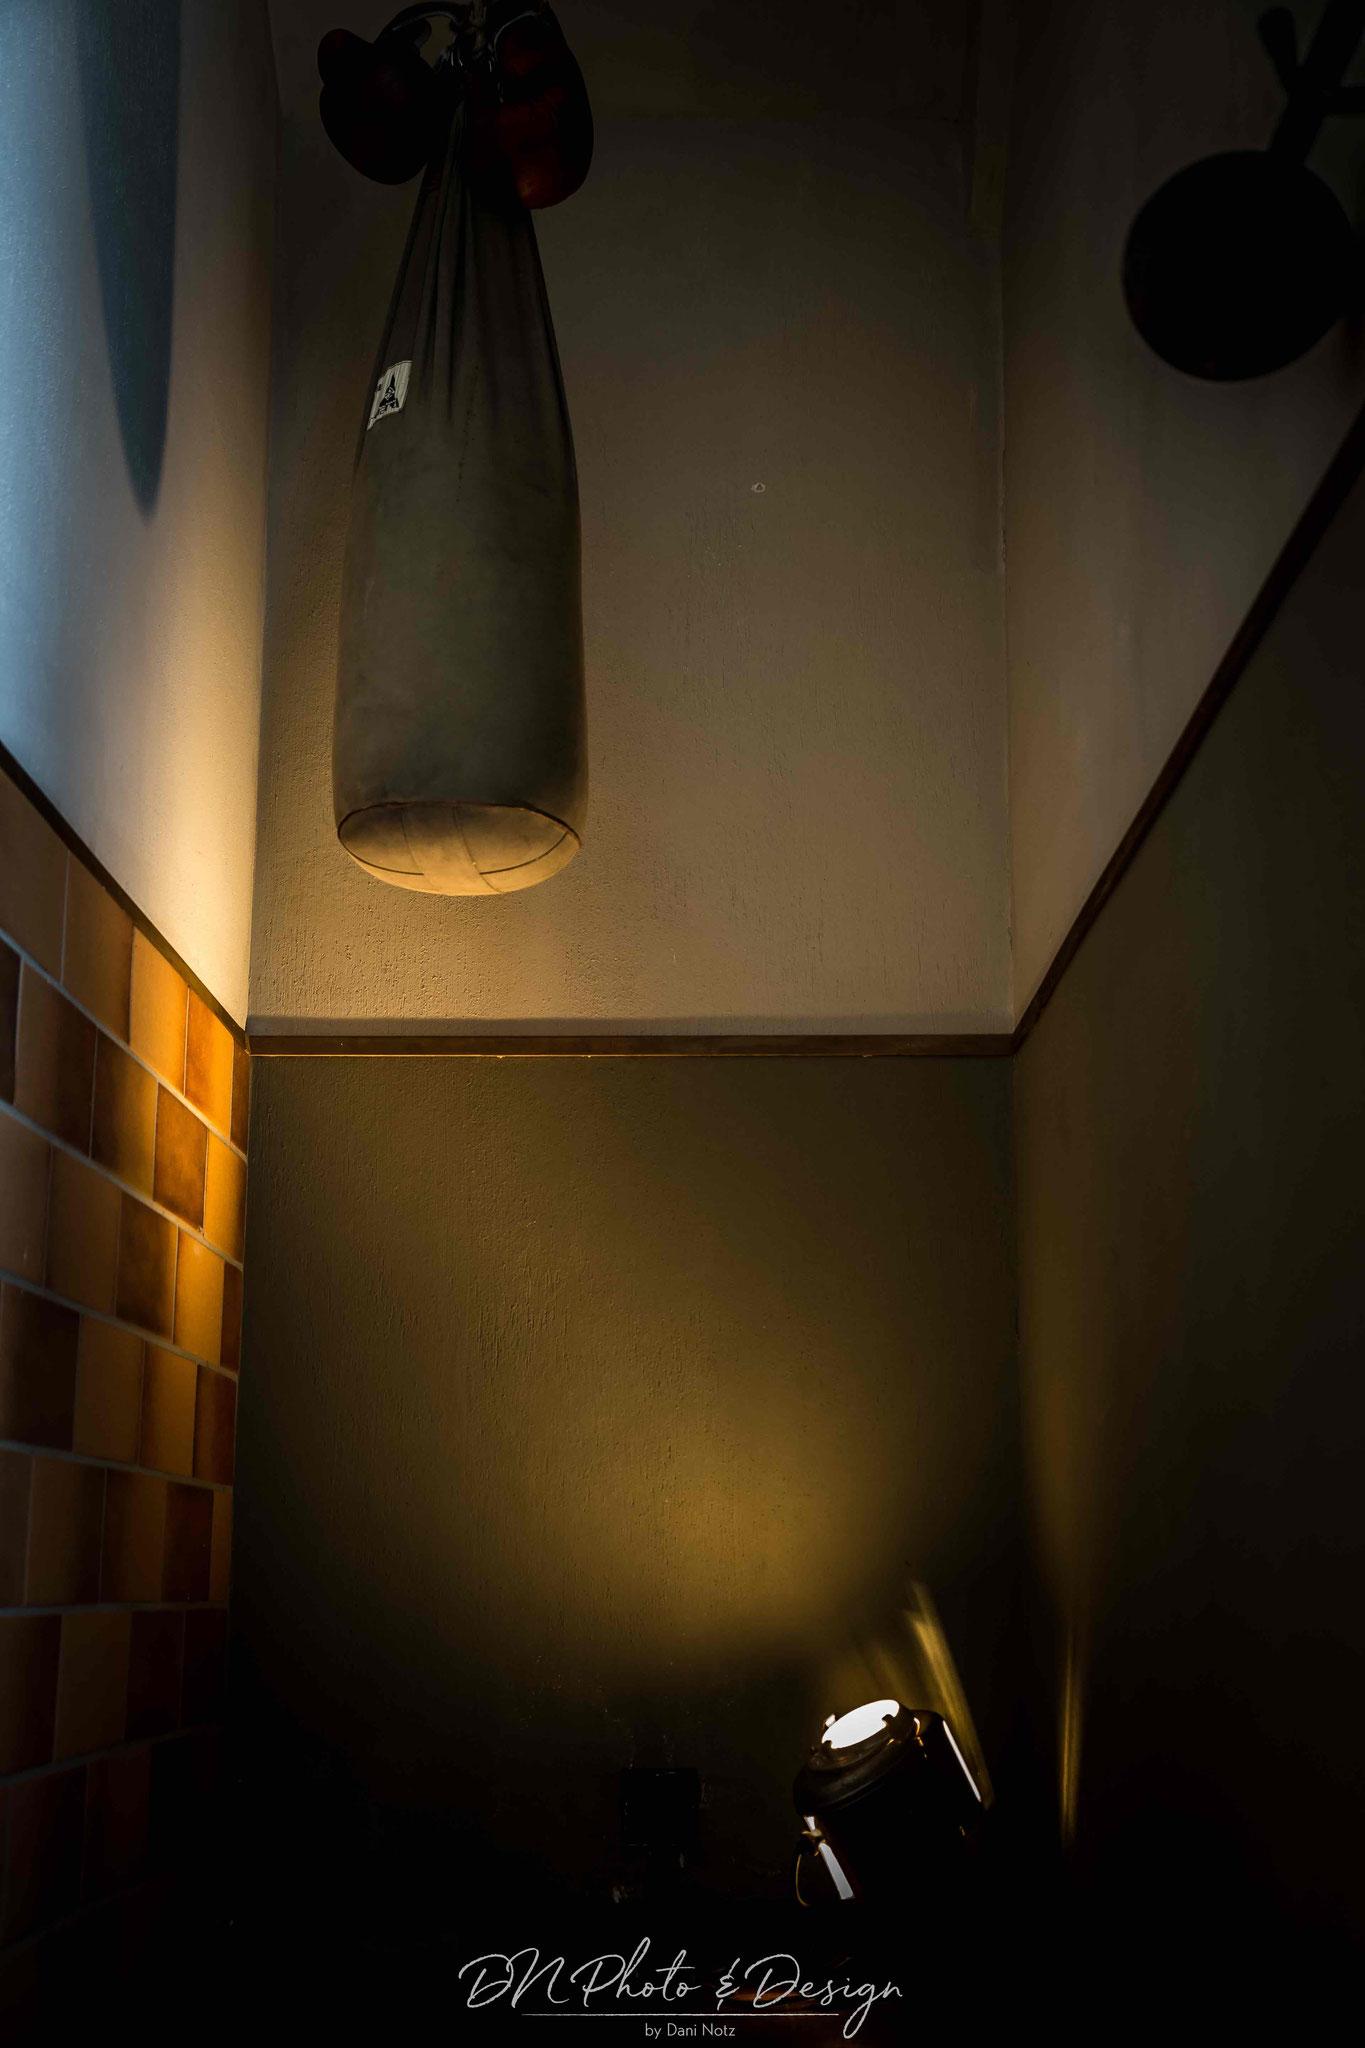 Foto: Daniel Notz Photo&Design